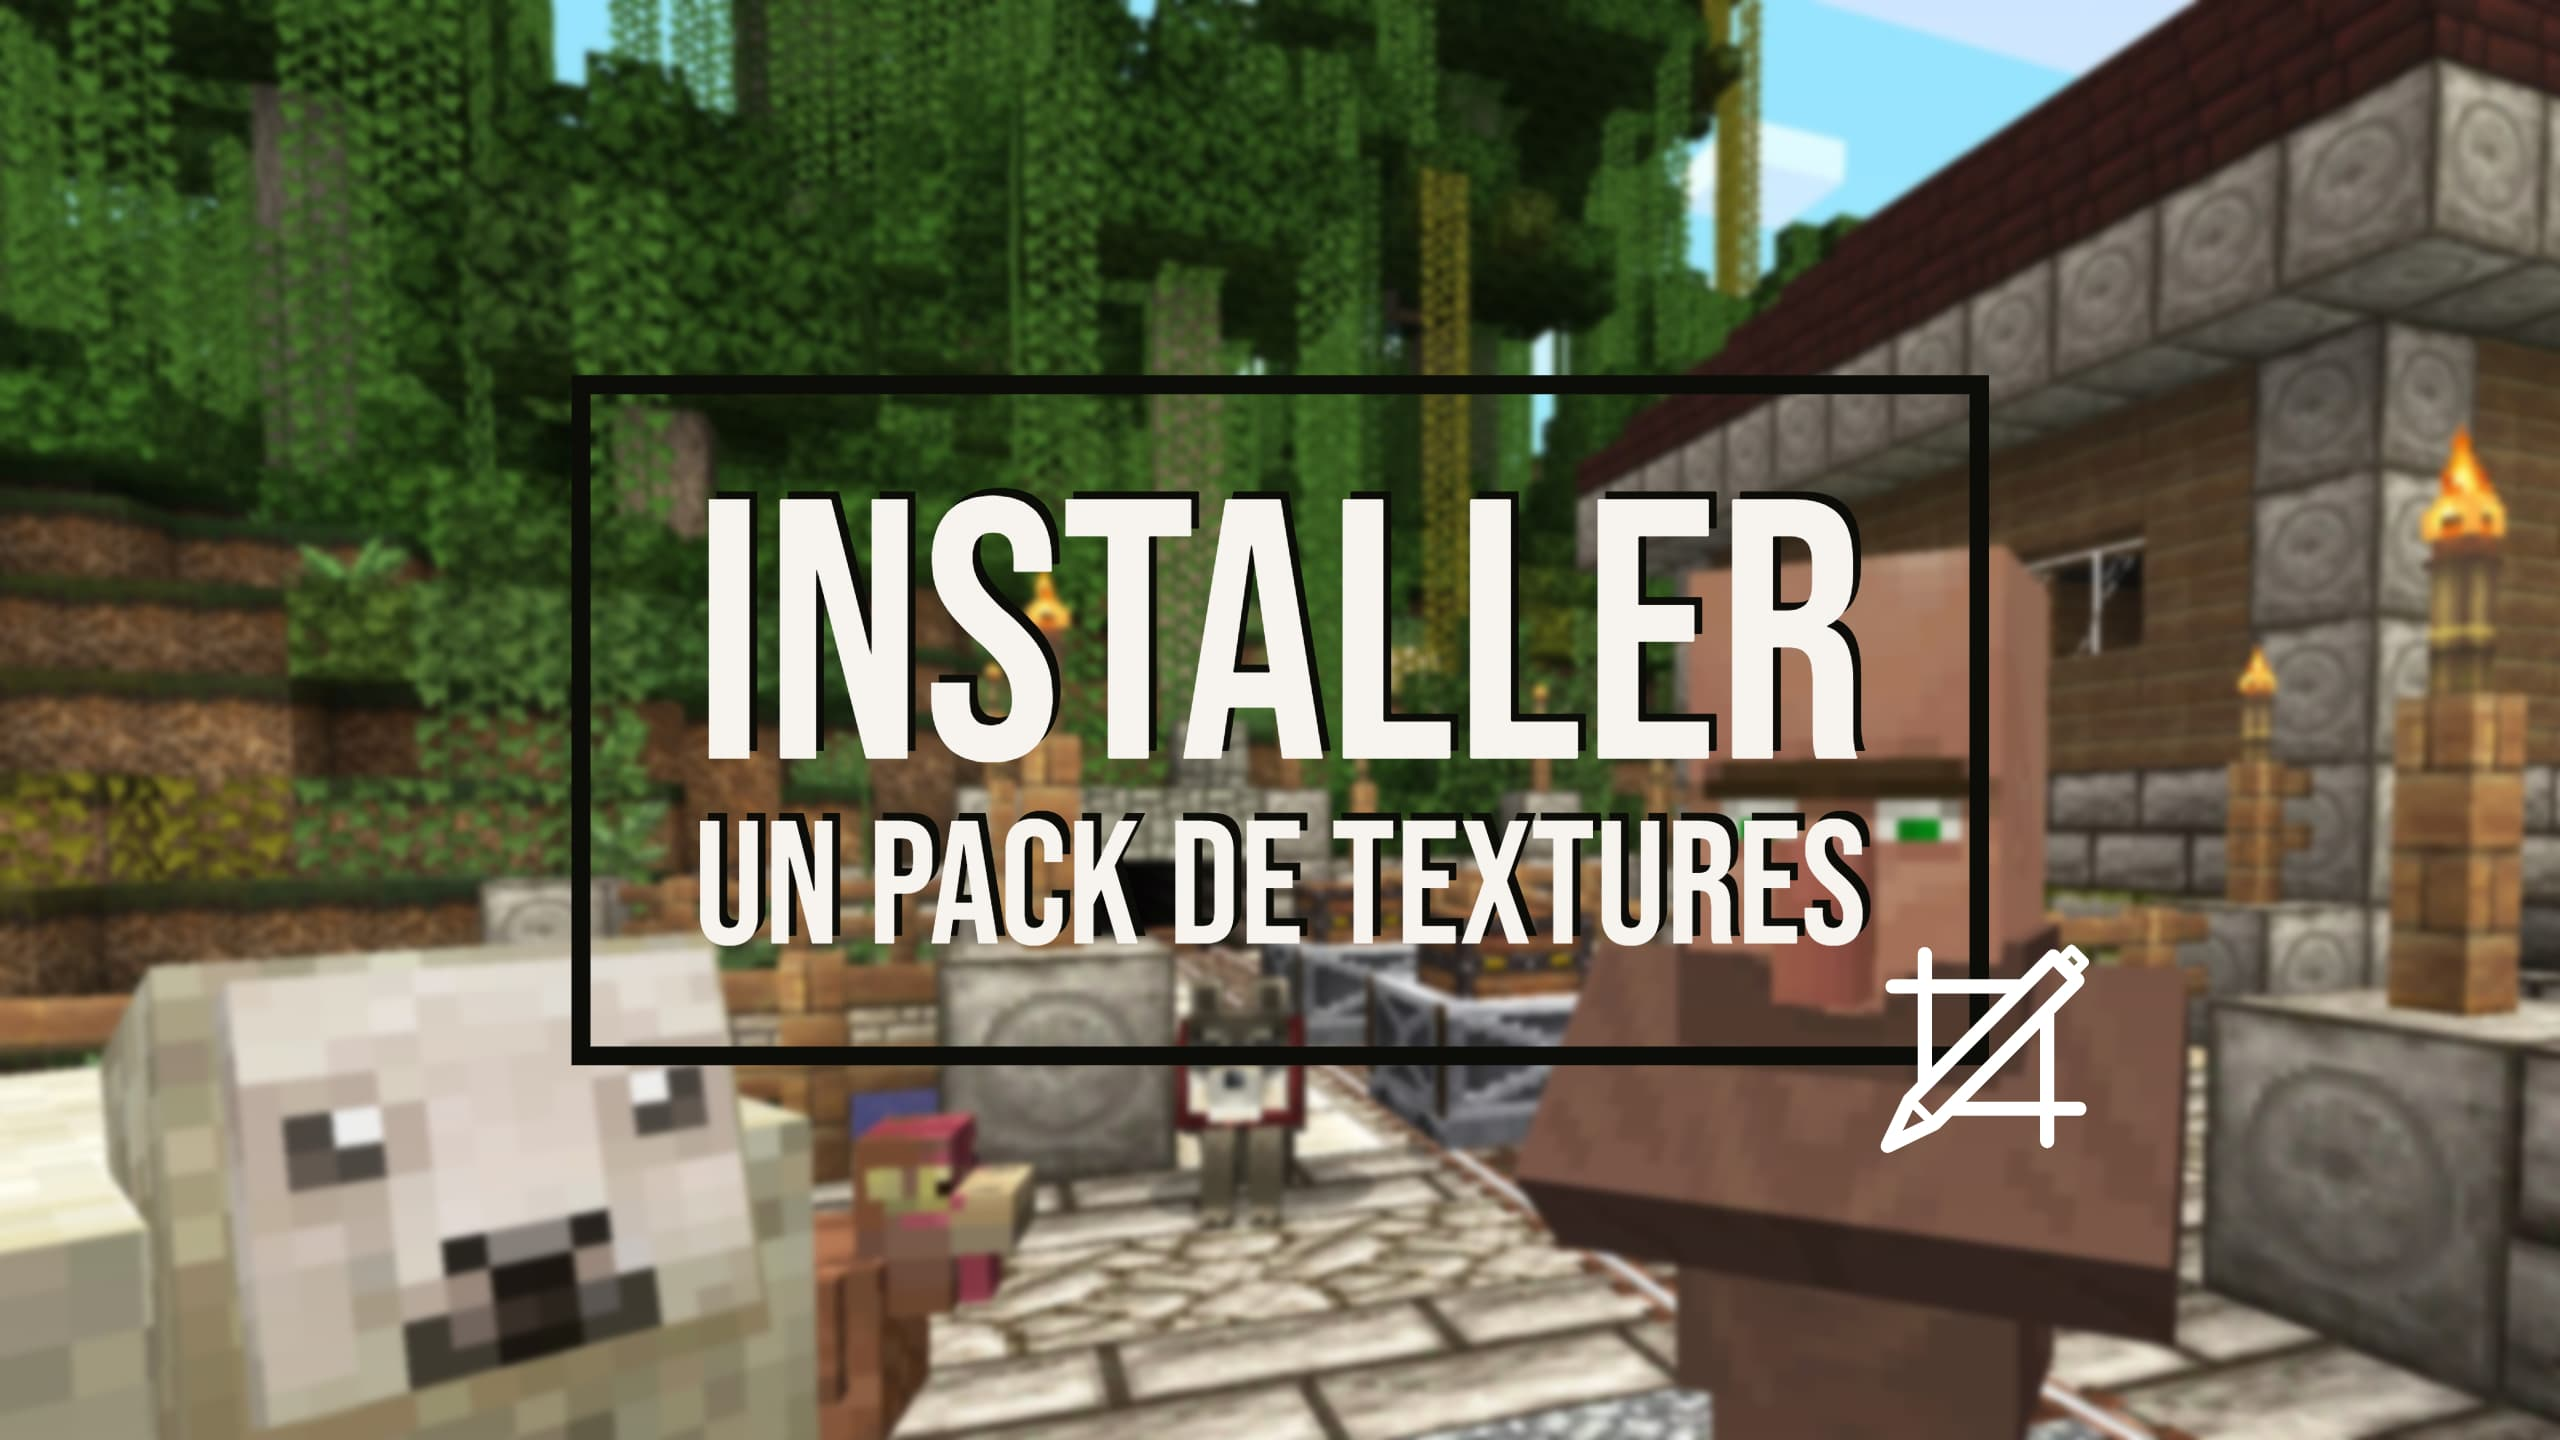 ¿Cómo instalar un paquete de texturas de Minecraft?  • Minecraft.fr